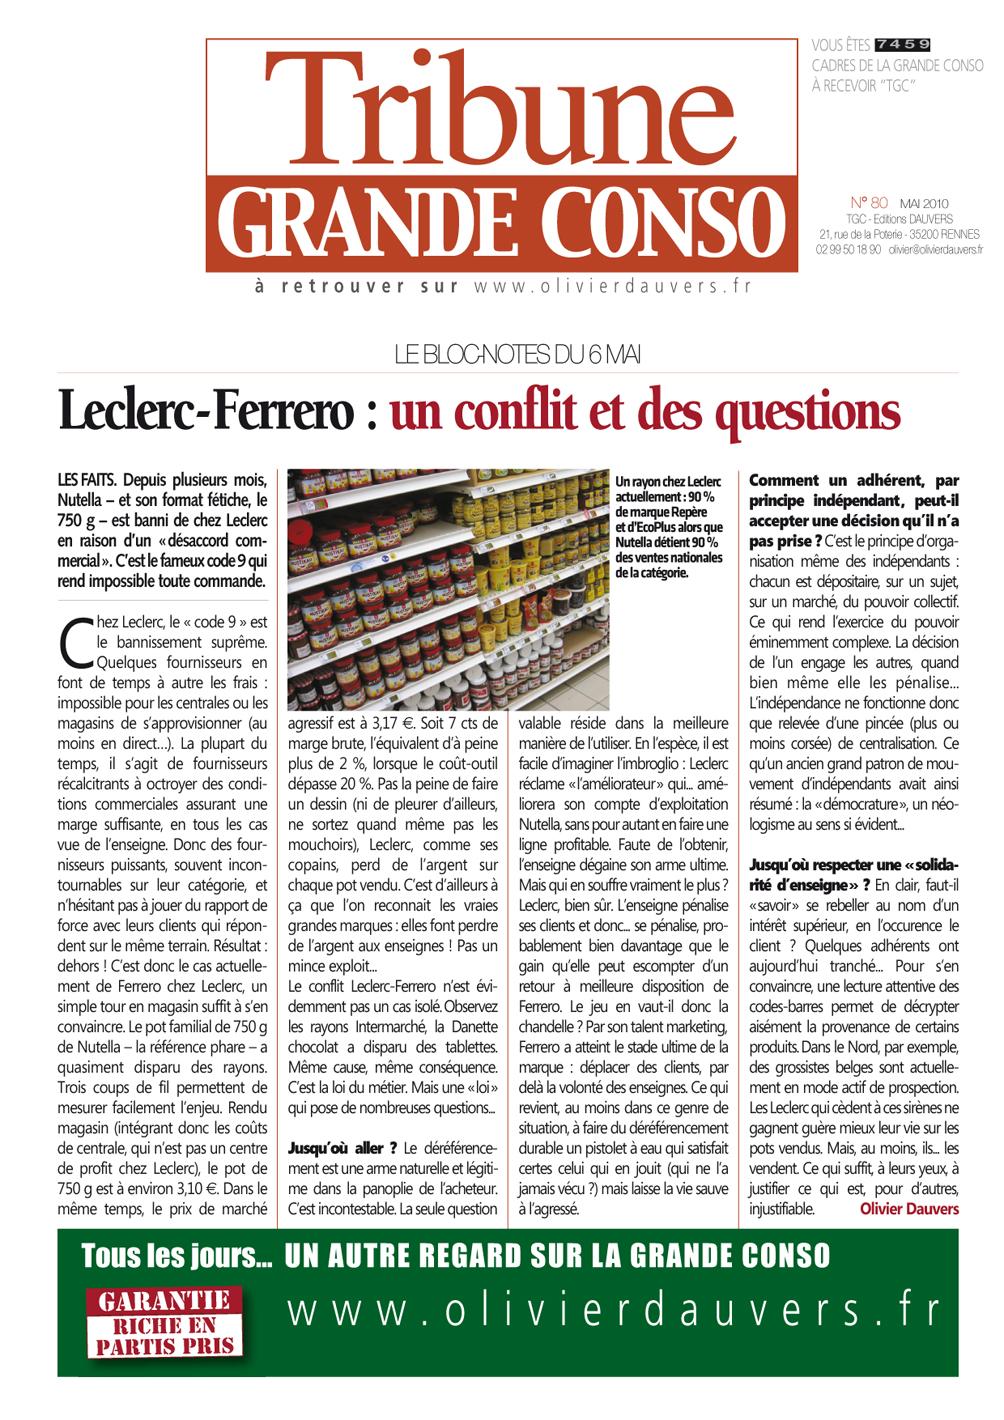 Leclerc-Ferrero : un conflit et des questions